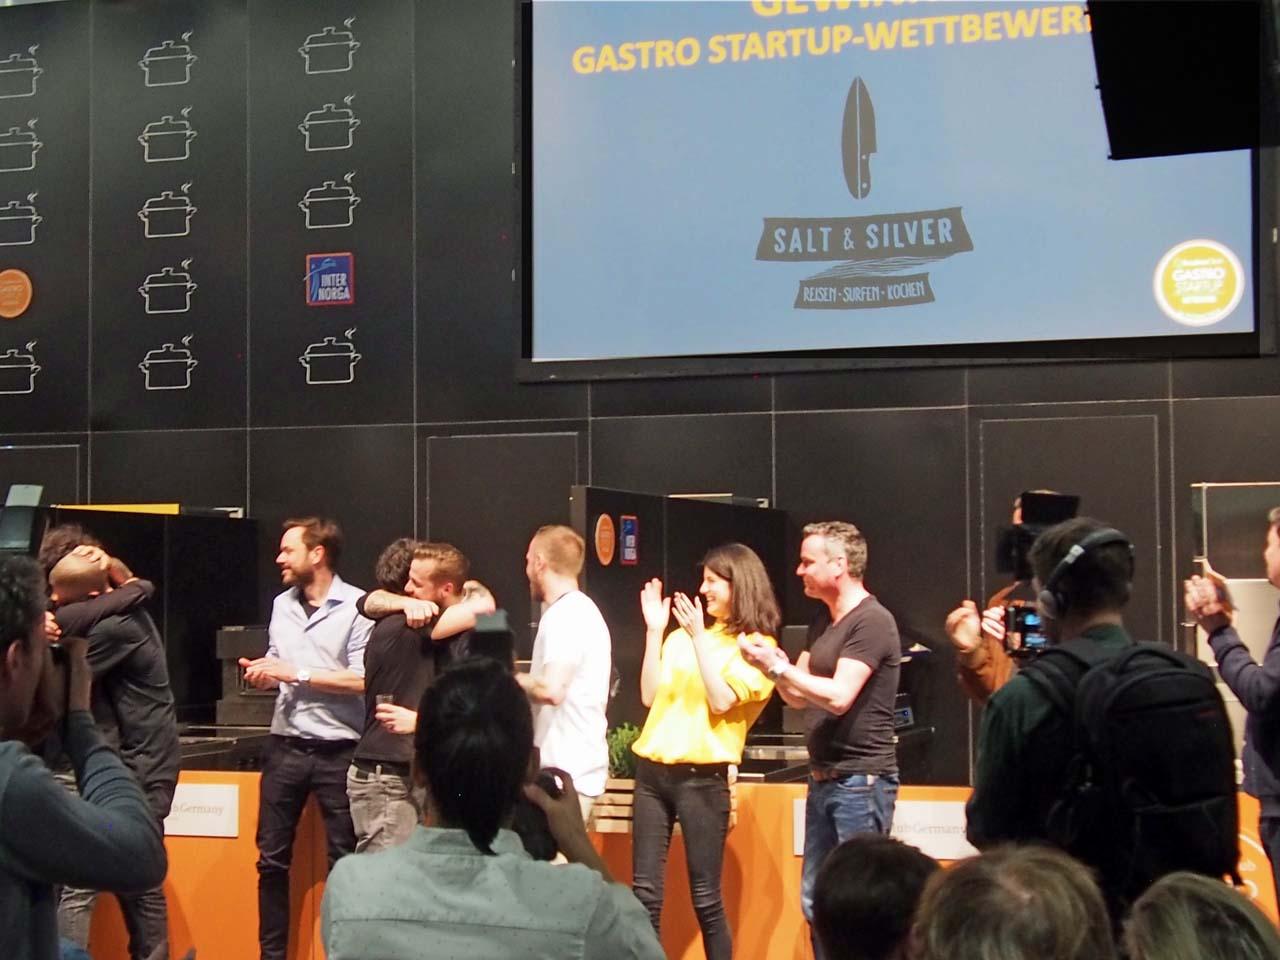 gastro startup wettbewerb the winner is salt silver aus hamburg leinenlos. Black Bedroom Furniture Sets. Home Design Ideas